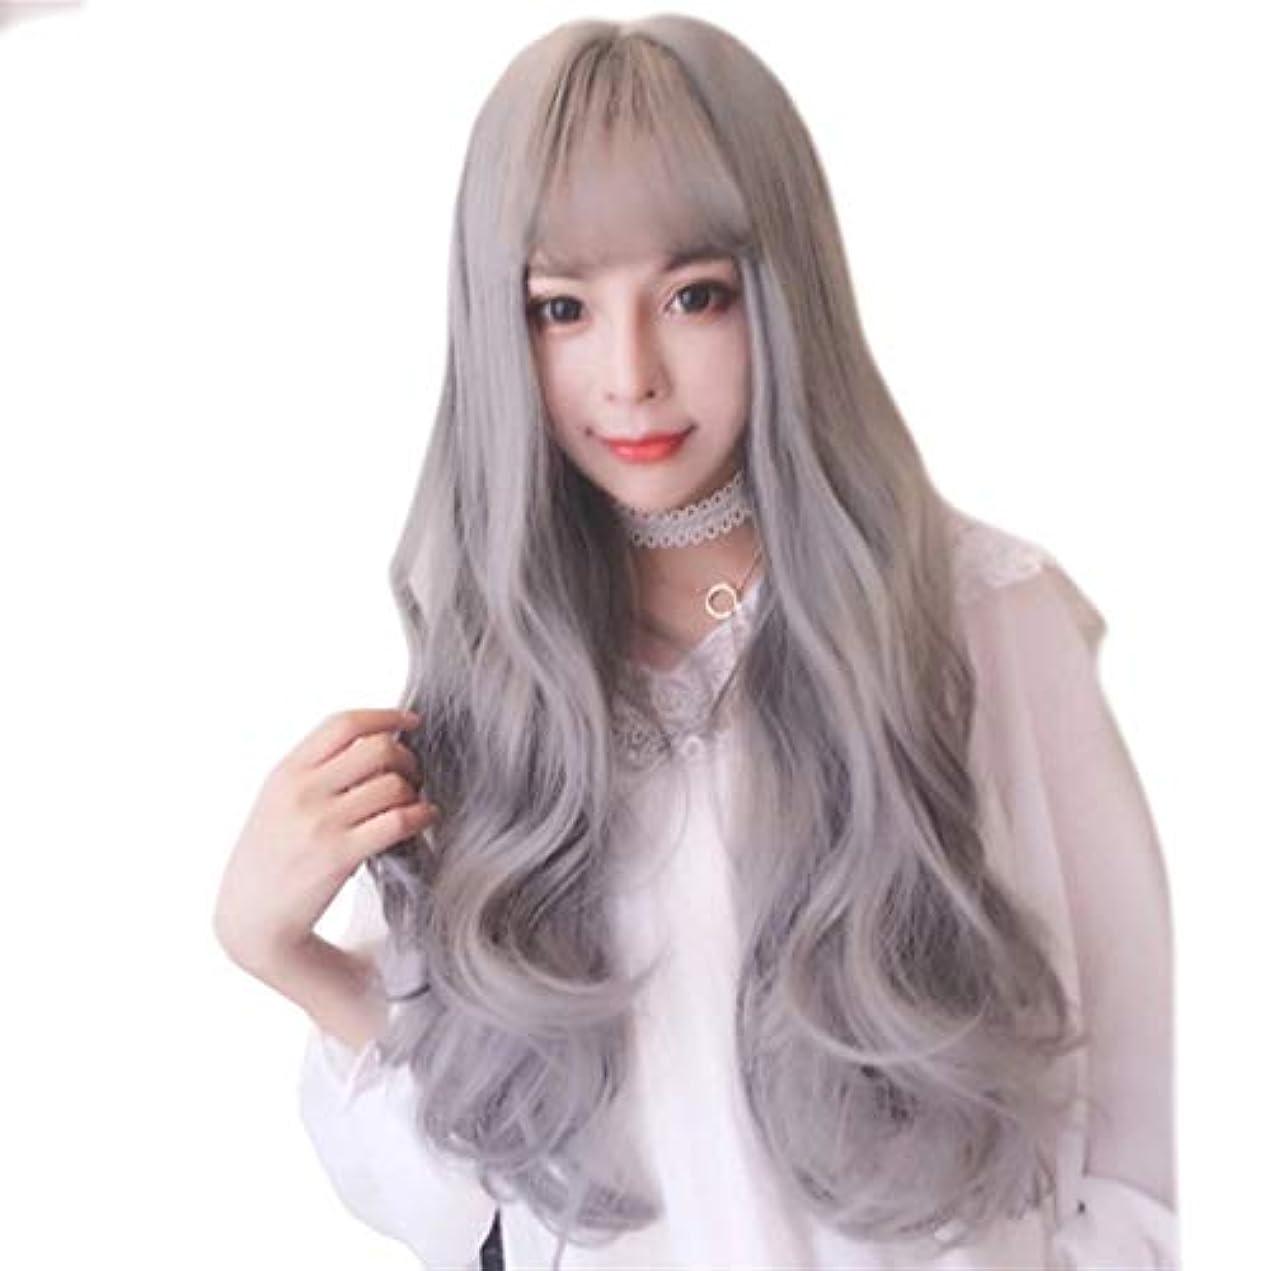 かんたん不健全啓示JOYS CLOTHING 女性の前髪自然な波長い巻き毛の耐熱性合成かつらをかつら